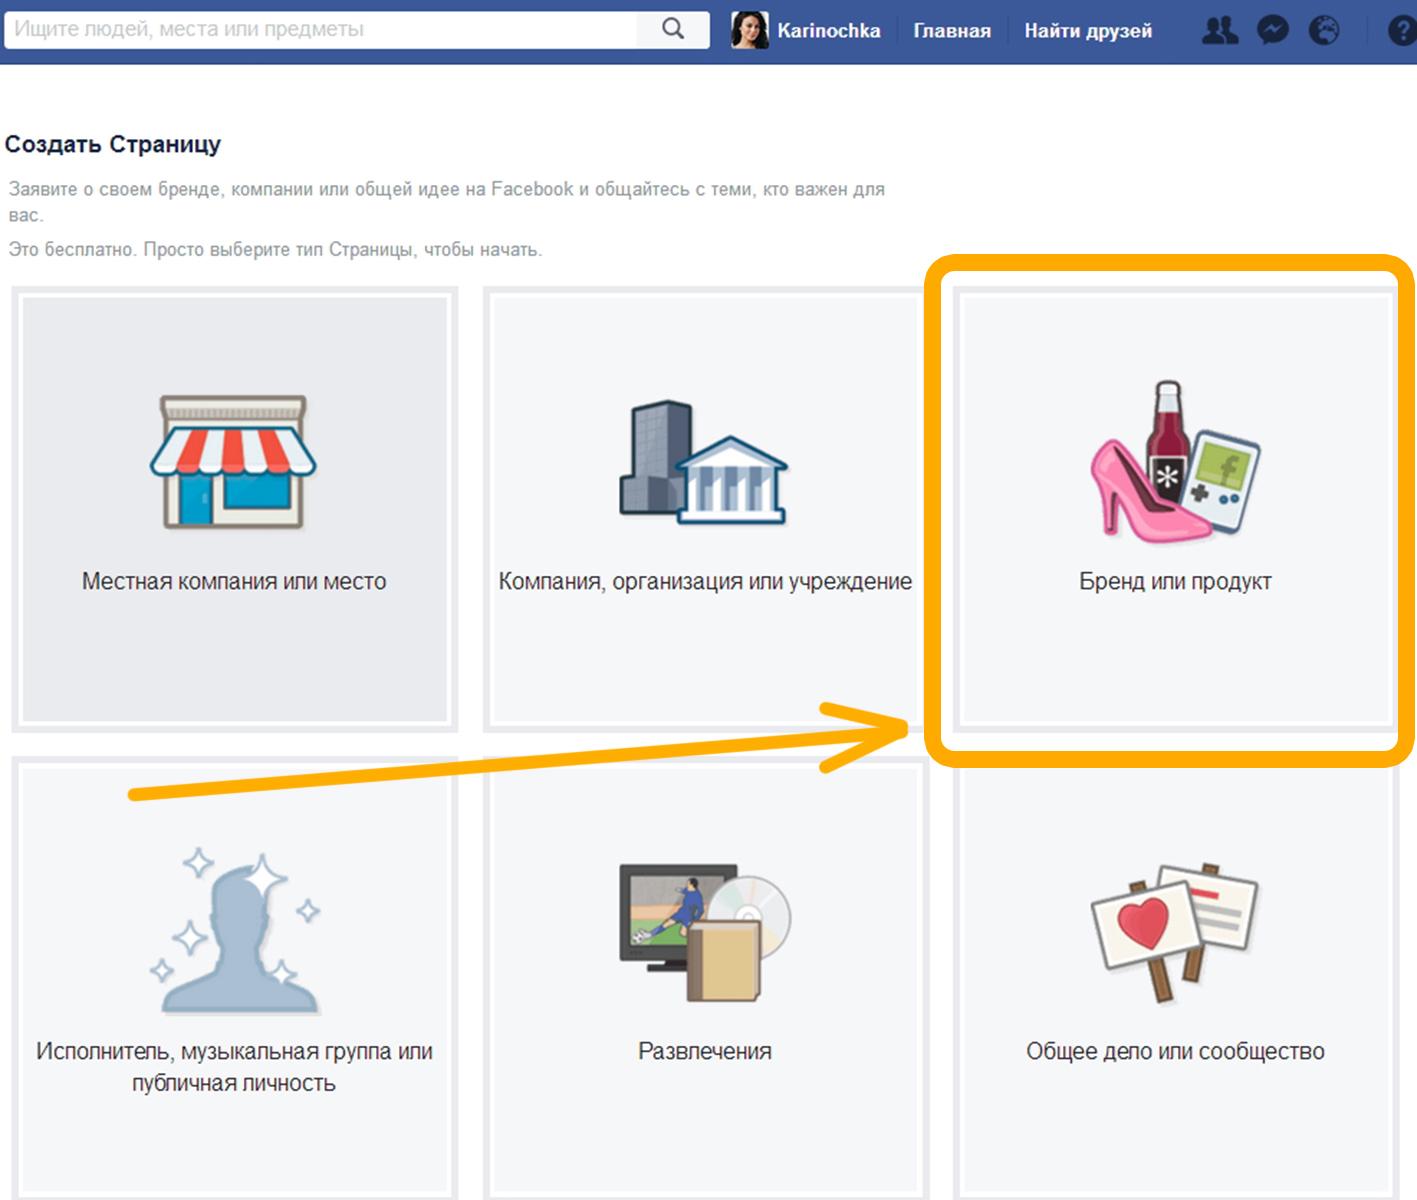 Меню для выбора категории продукта или услуги, и ввода названия страницы Фейсбук